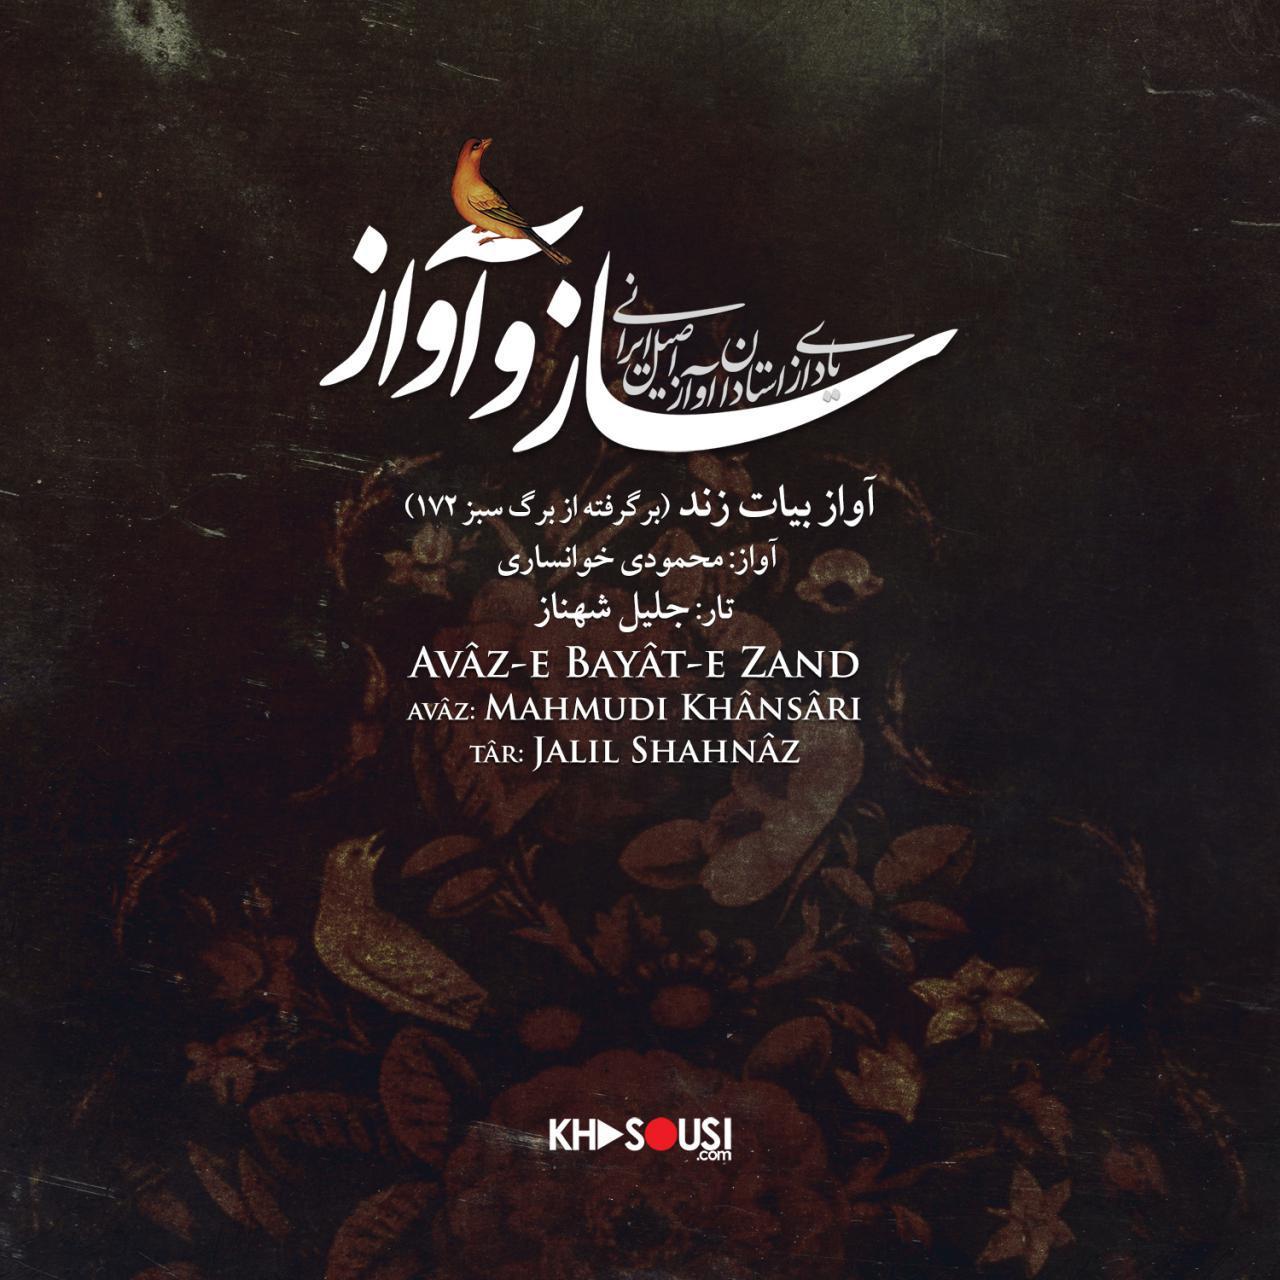 ساز و آواز - آواز بیات زند از برگ سبز ۱۷۲ - محمودی خوانساری و جلیل شهناز